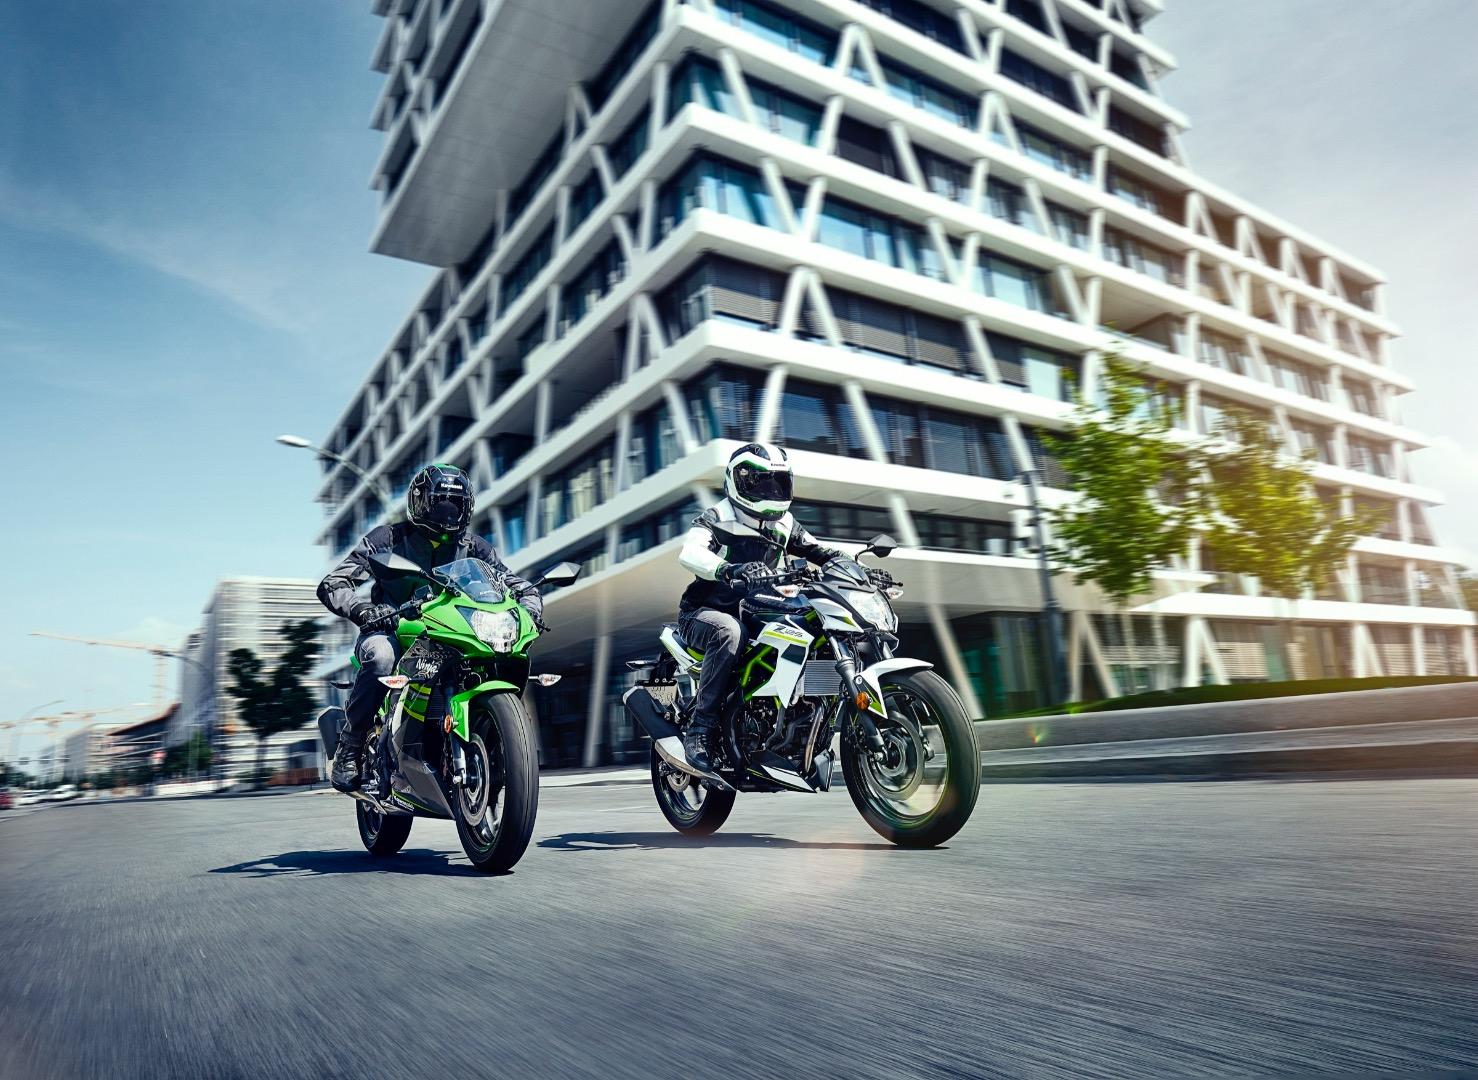 Kawasaki Z125 & Kawasaki Ninja 125